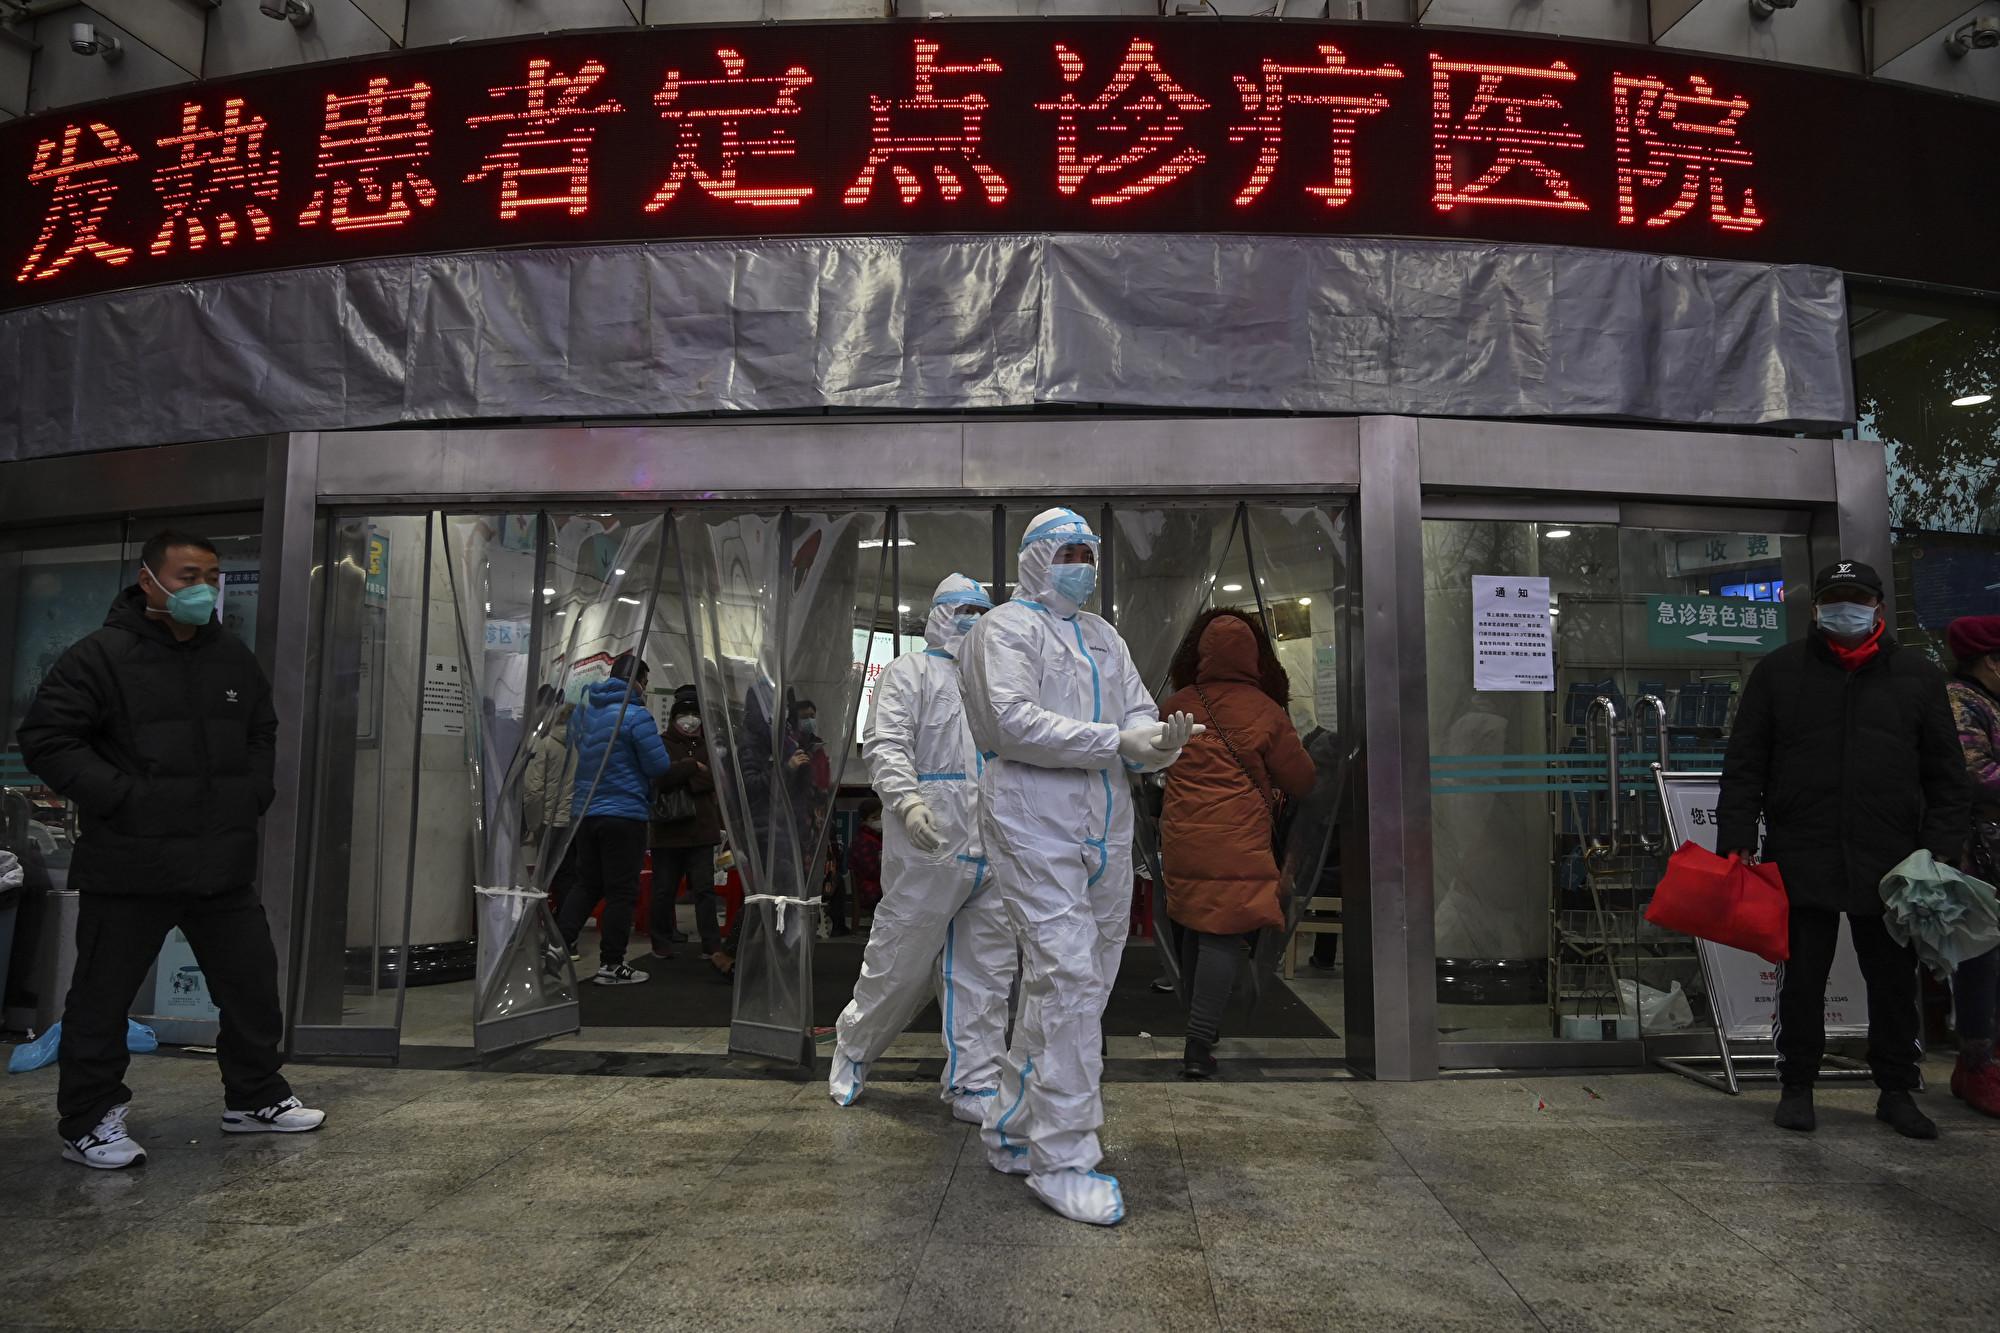 鍾南山替中共站台 多個說法很快被證偽